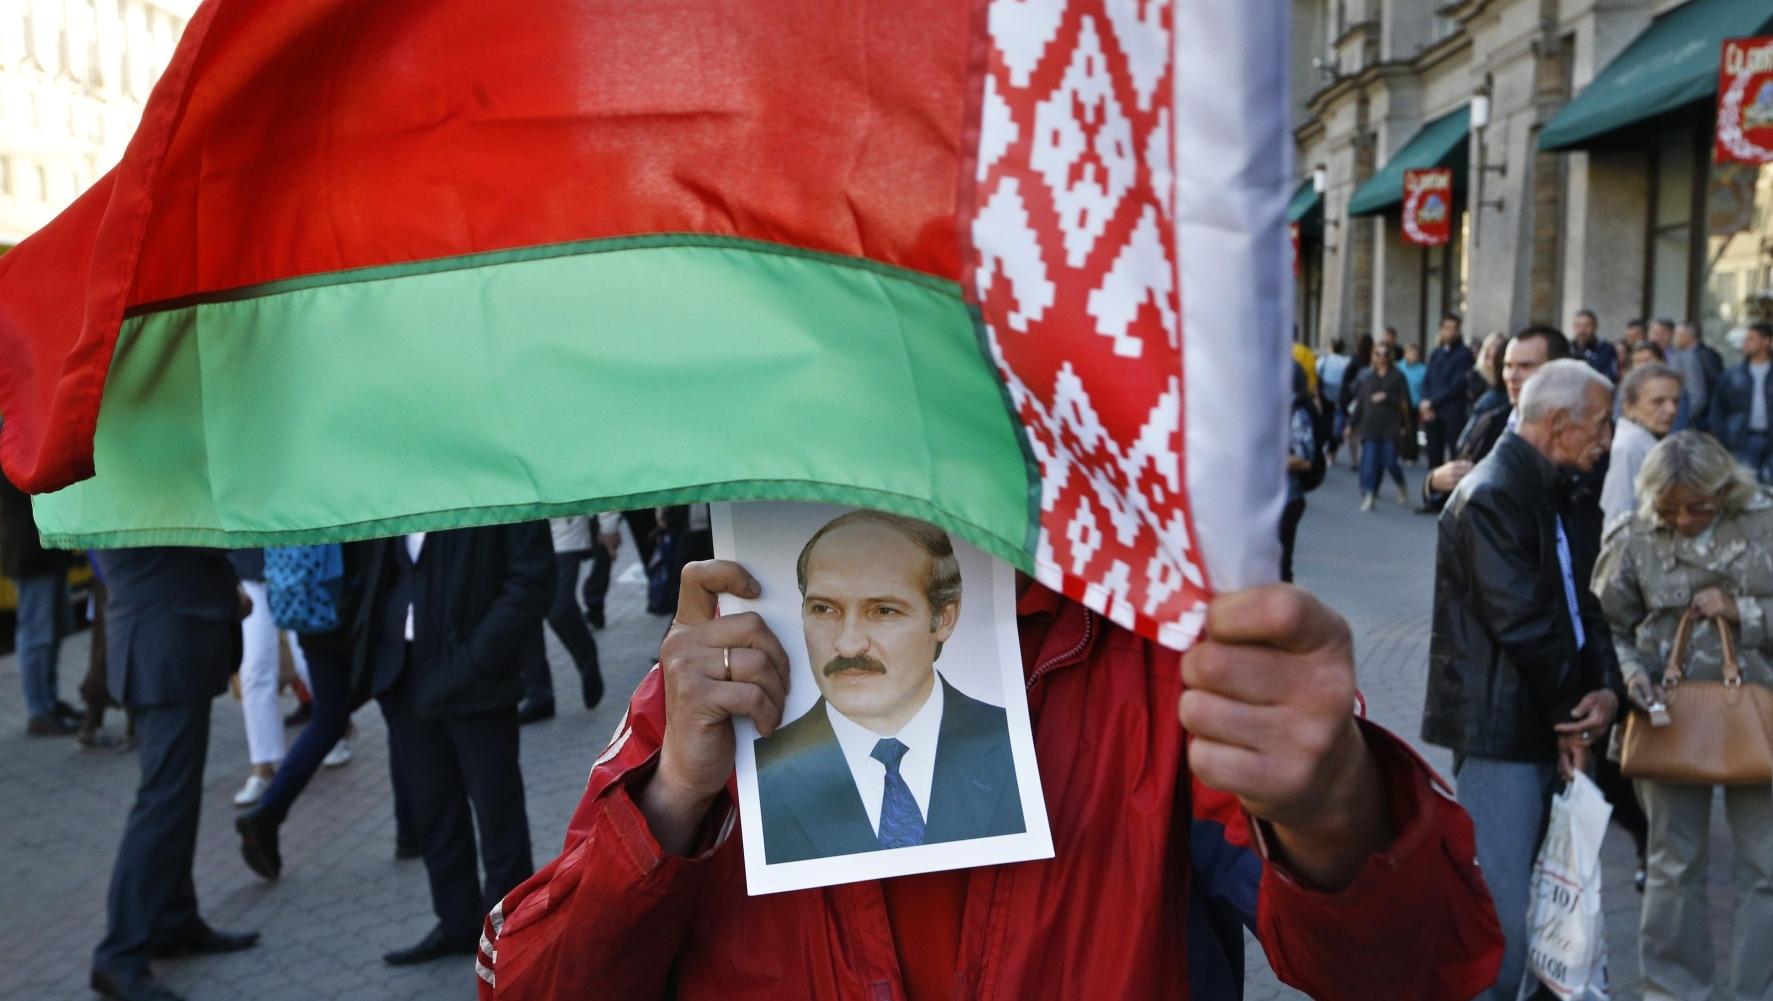 Историк рассказал об опасных мифах, которые внедряют в умы белорусов